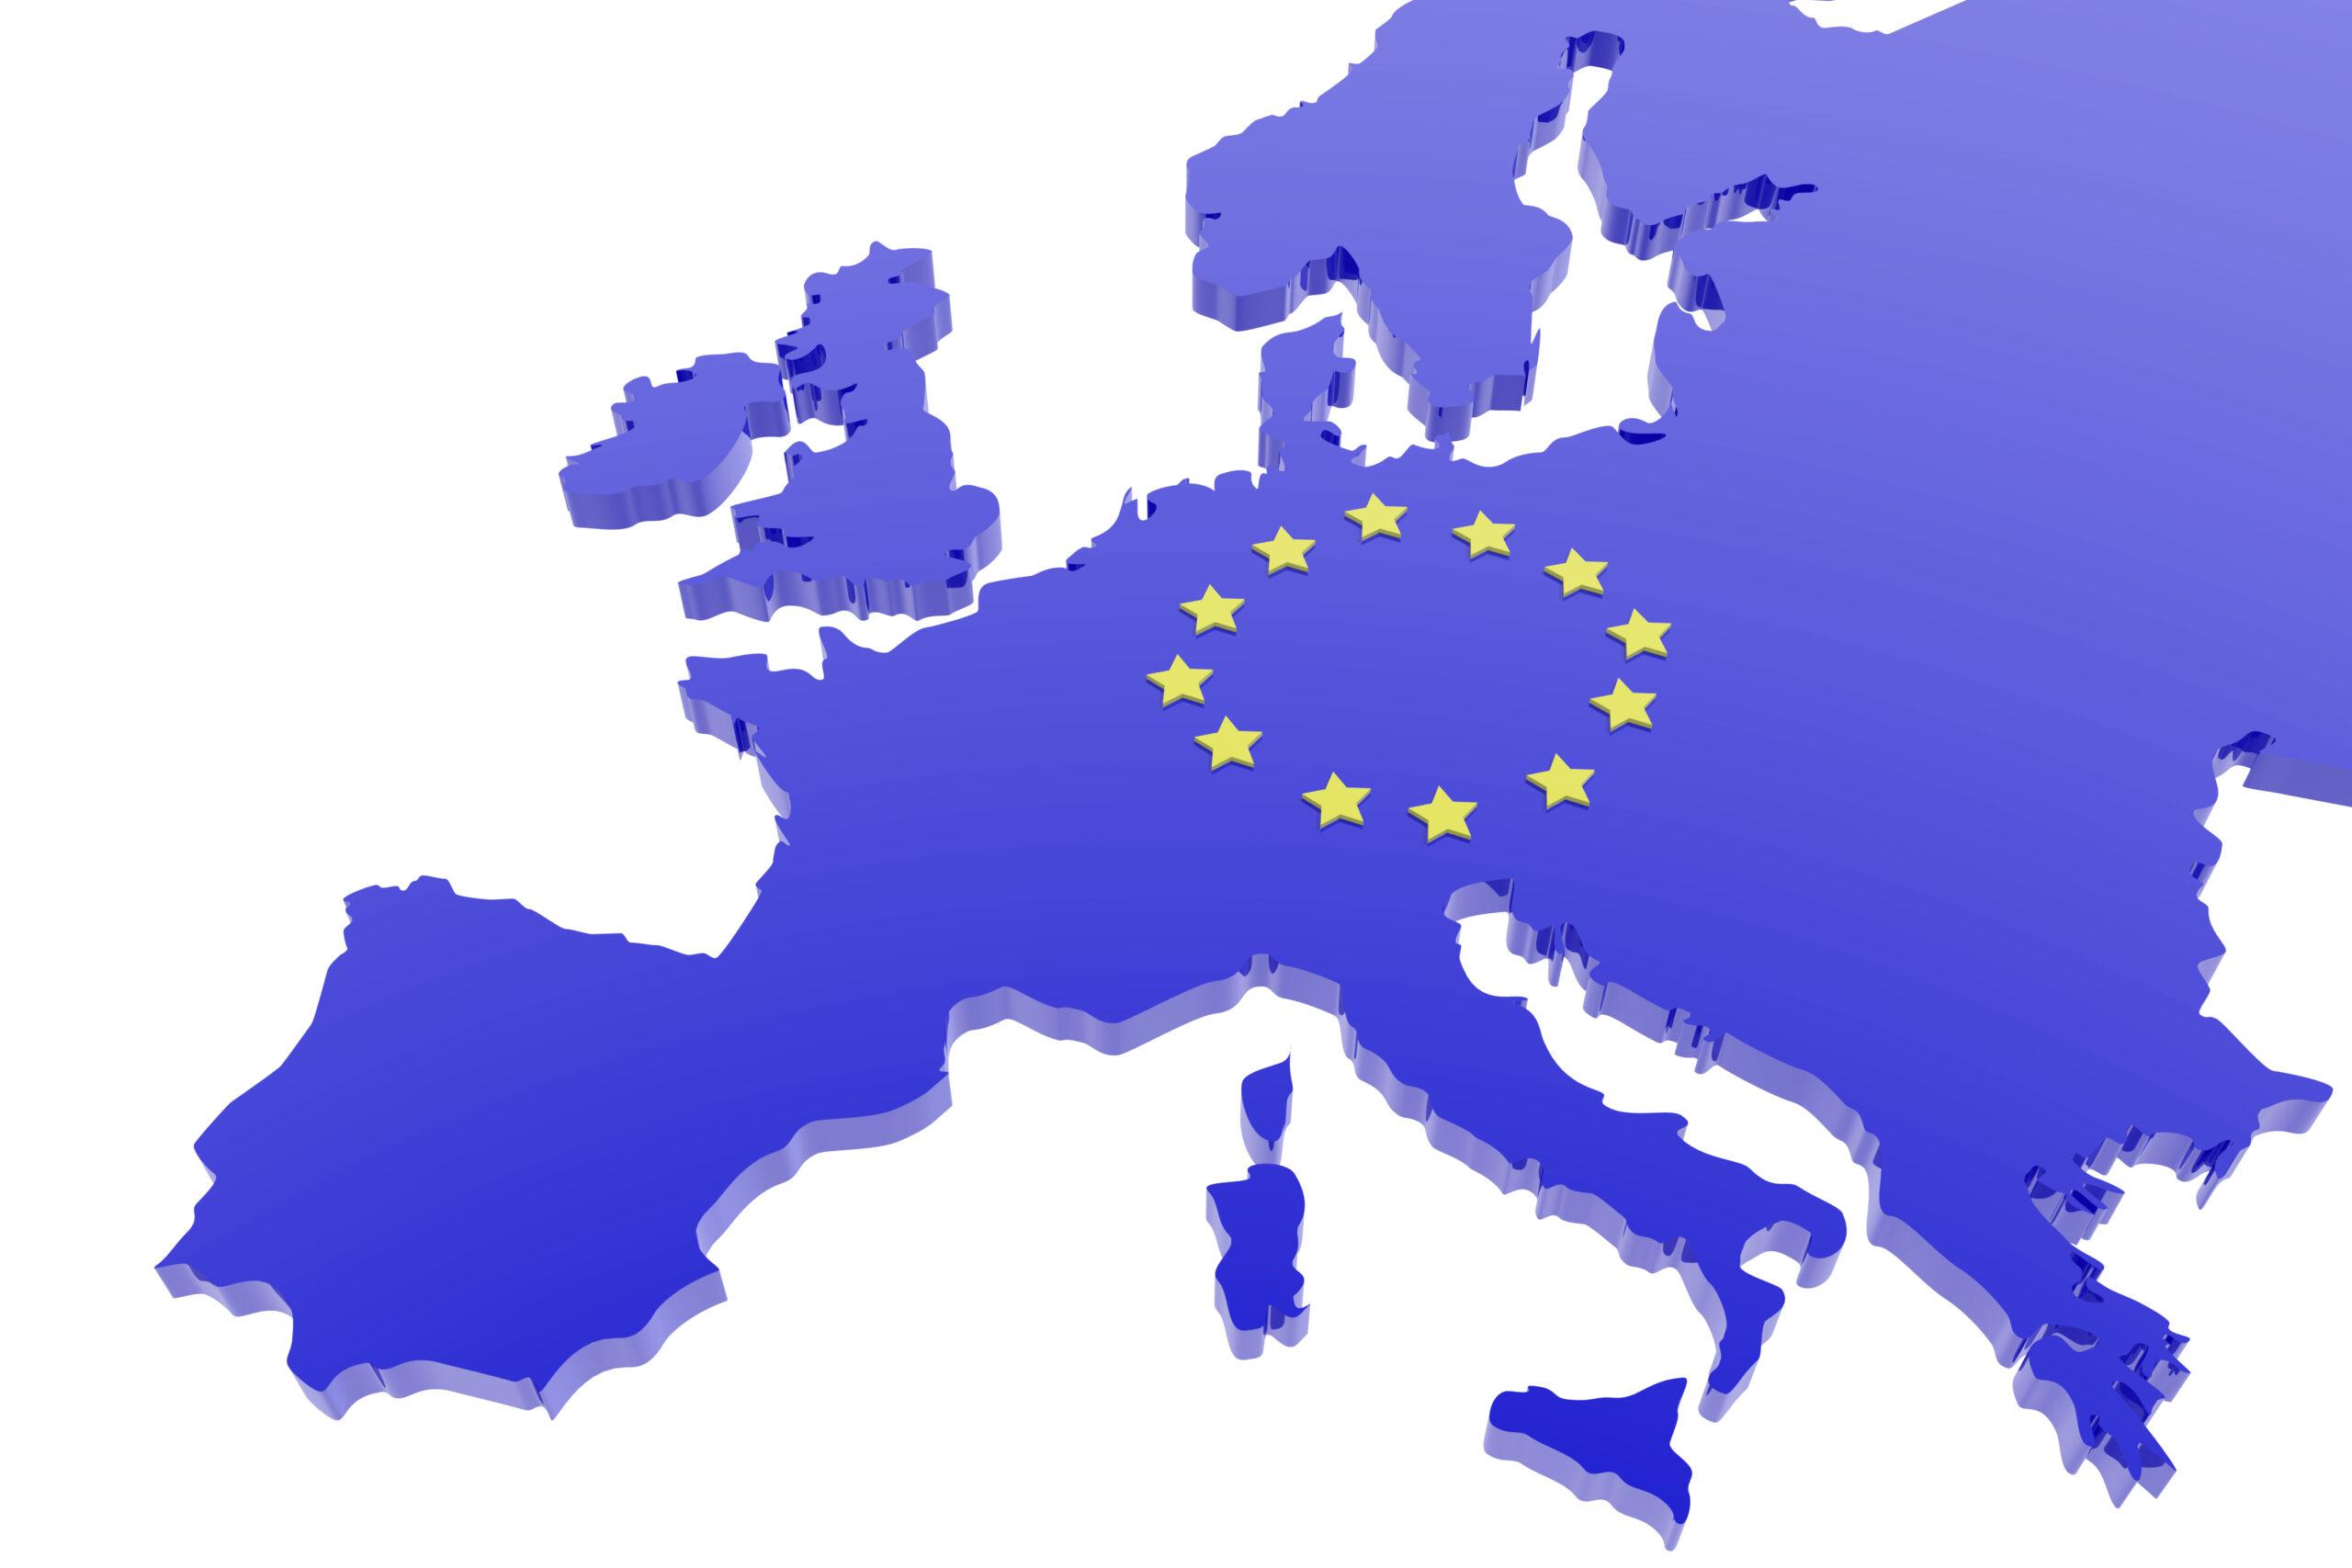 Konsultacje w sprawie przyszłości Europy